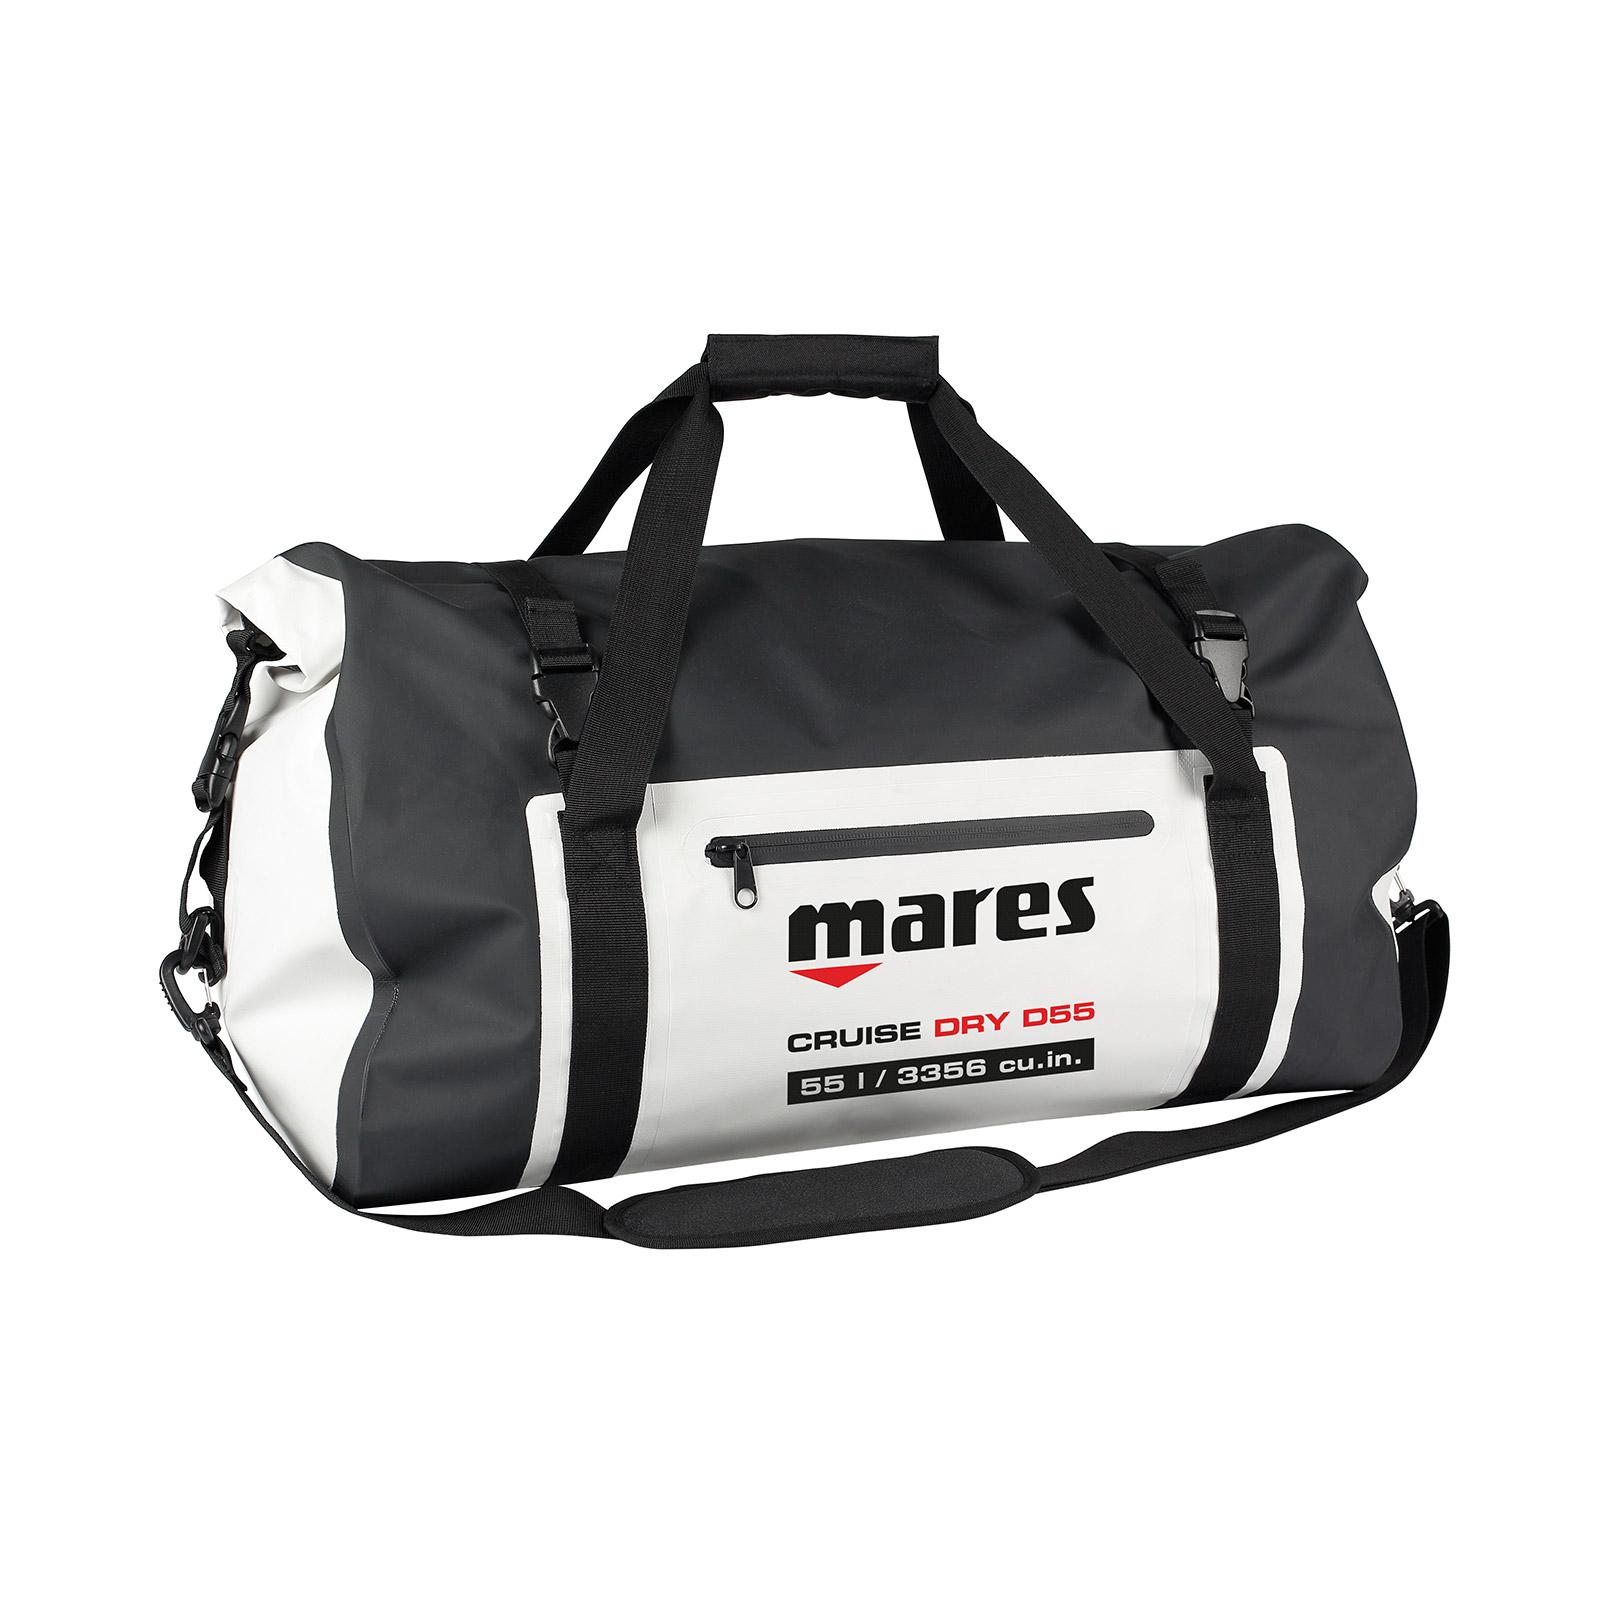 MARES - Cruise Drybag D55 Reiseatsche